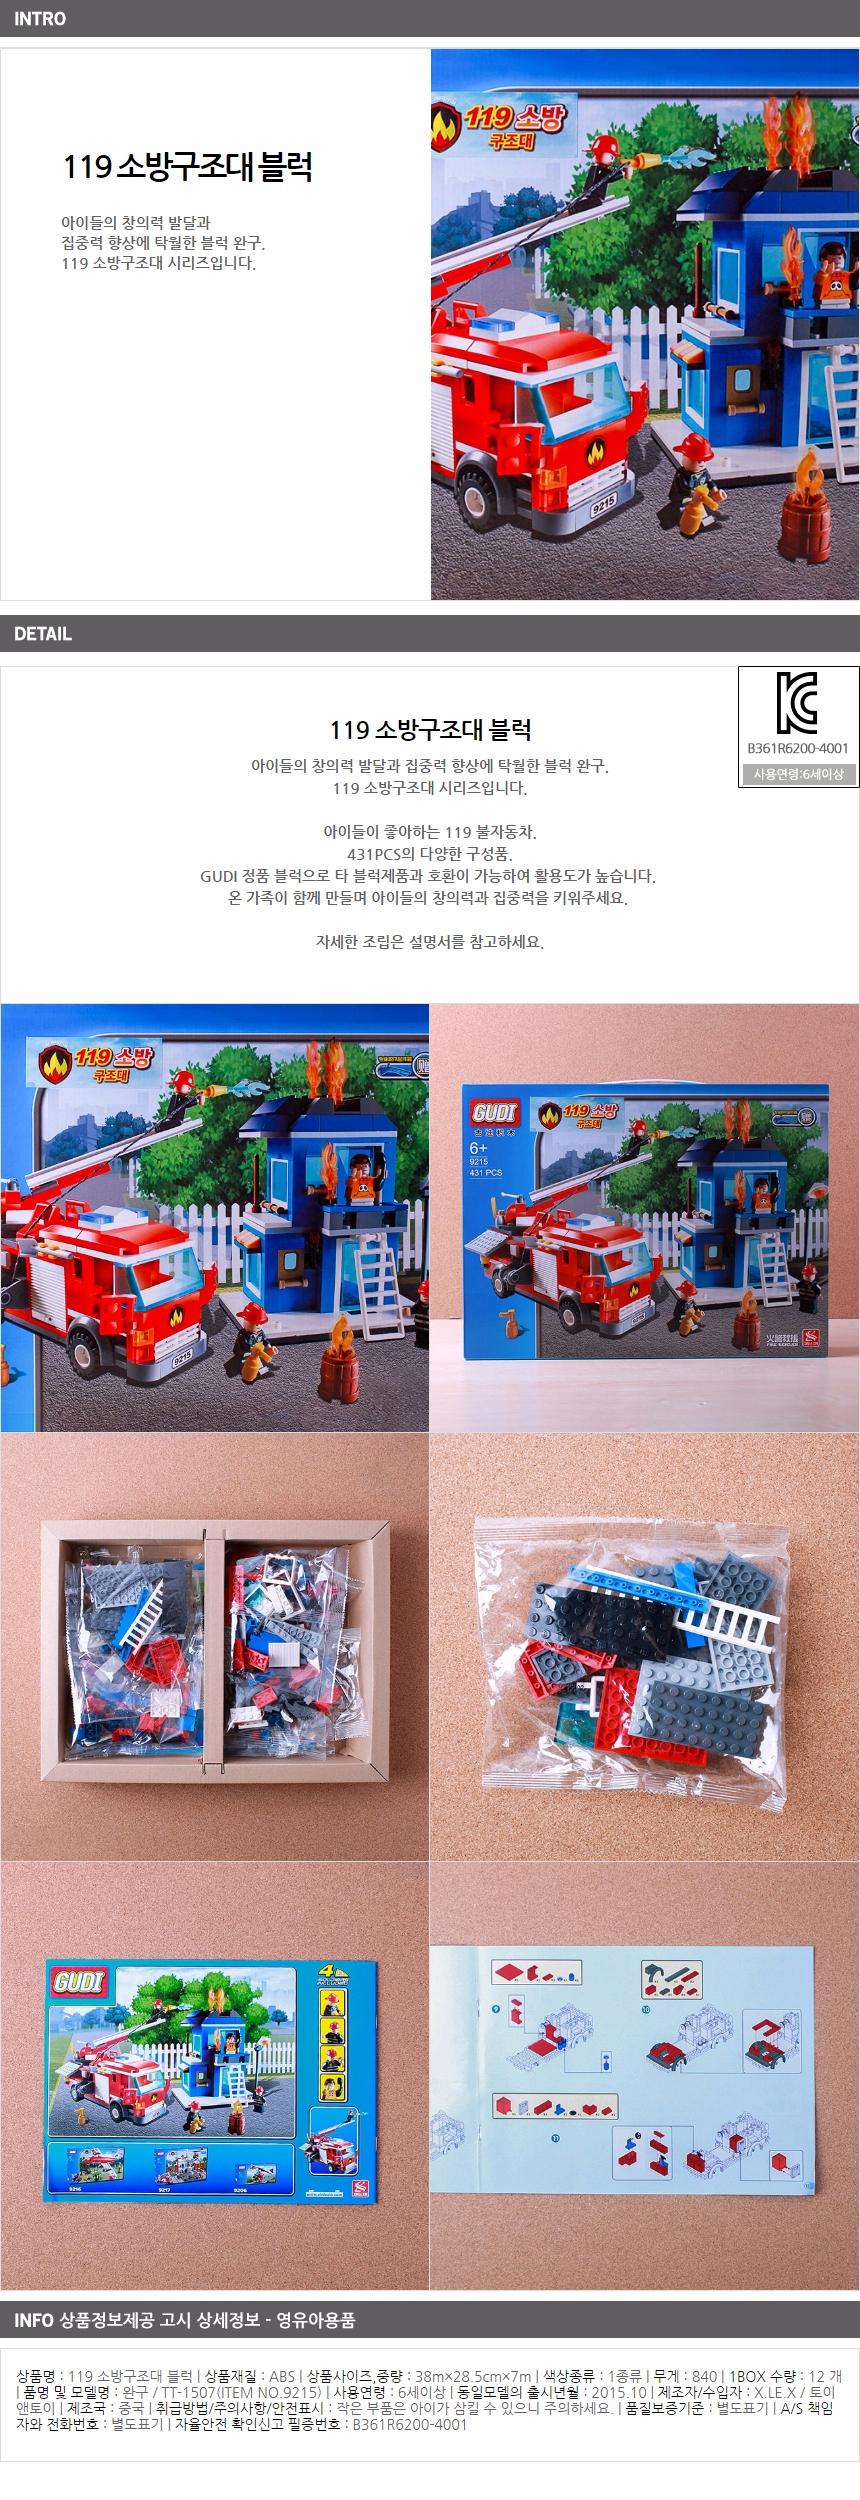 소방차 구조대 블록 창의력발달 완구 - 기프트갓, 27,090원, 장난감, 장난감